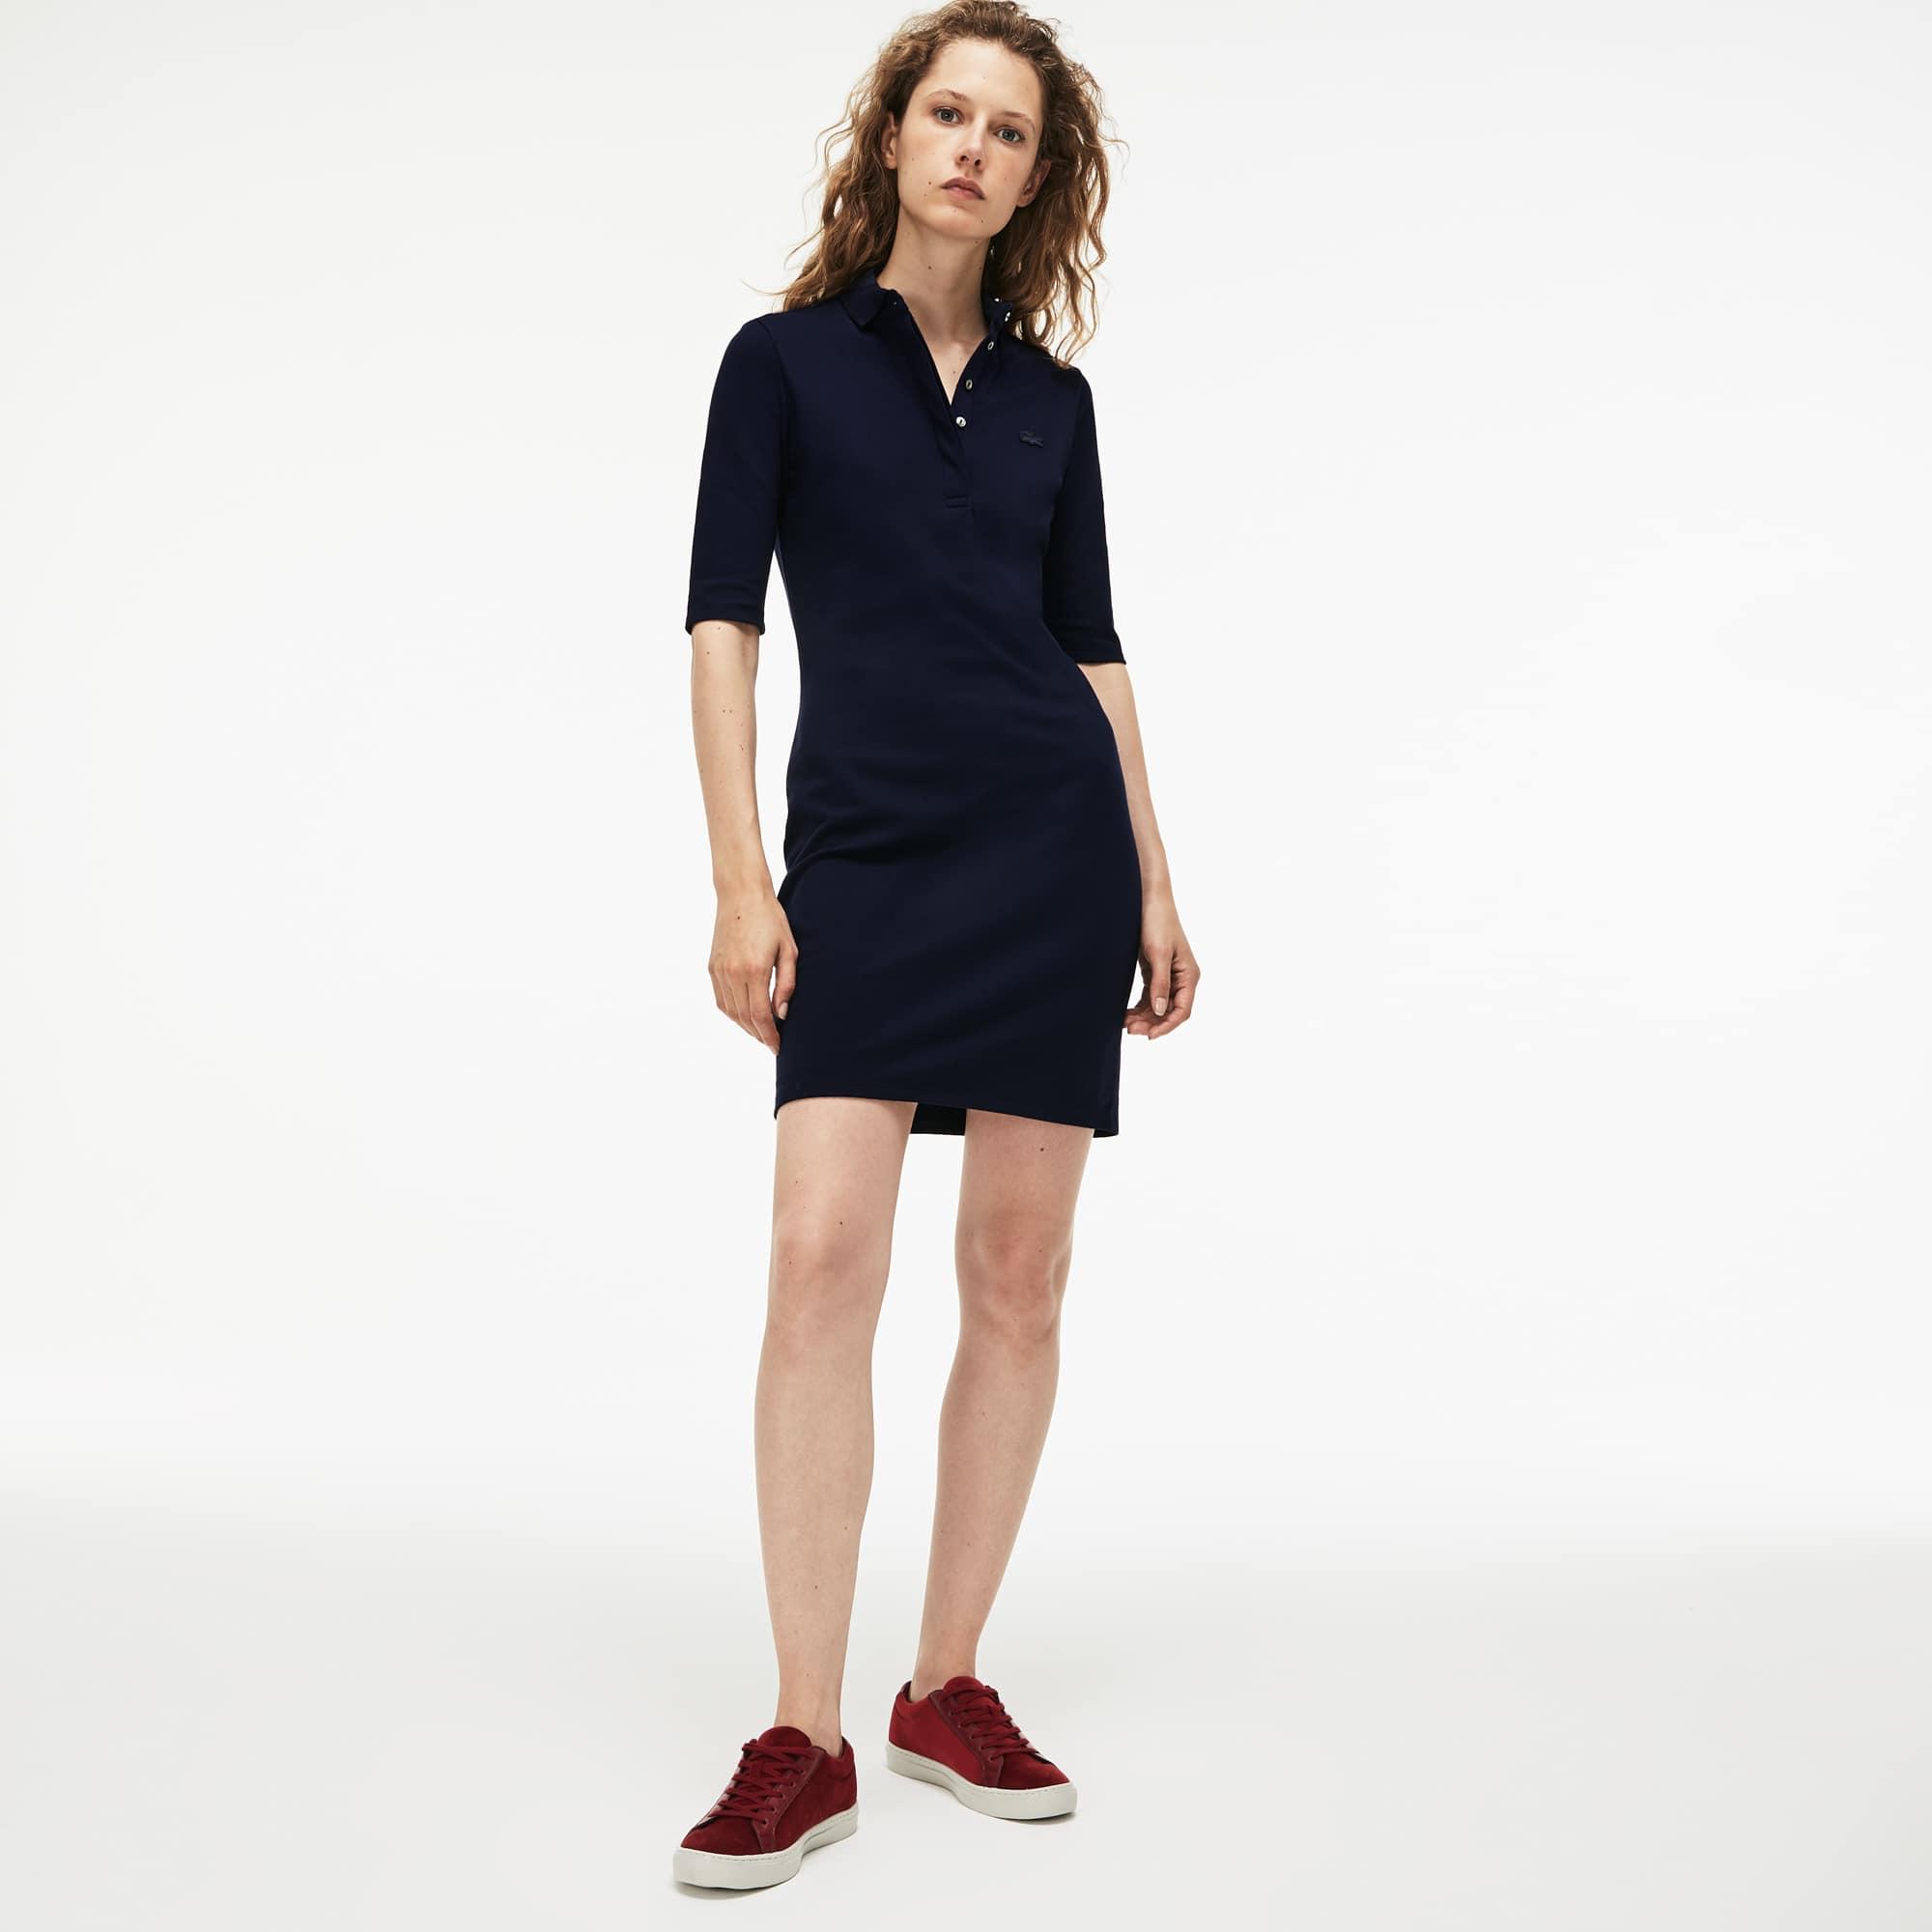 Lacoste - Slim Fit Damen-Polokleid aus Mini-Piqué mit Stretch - 1